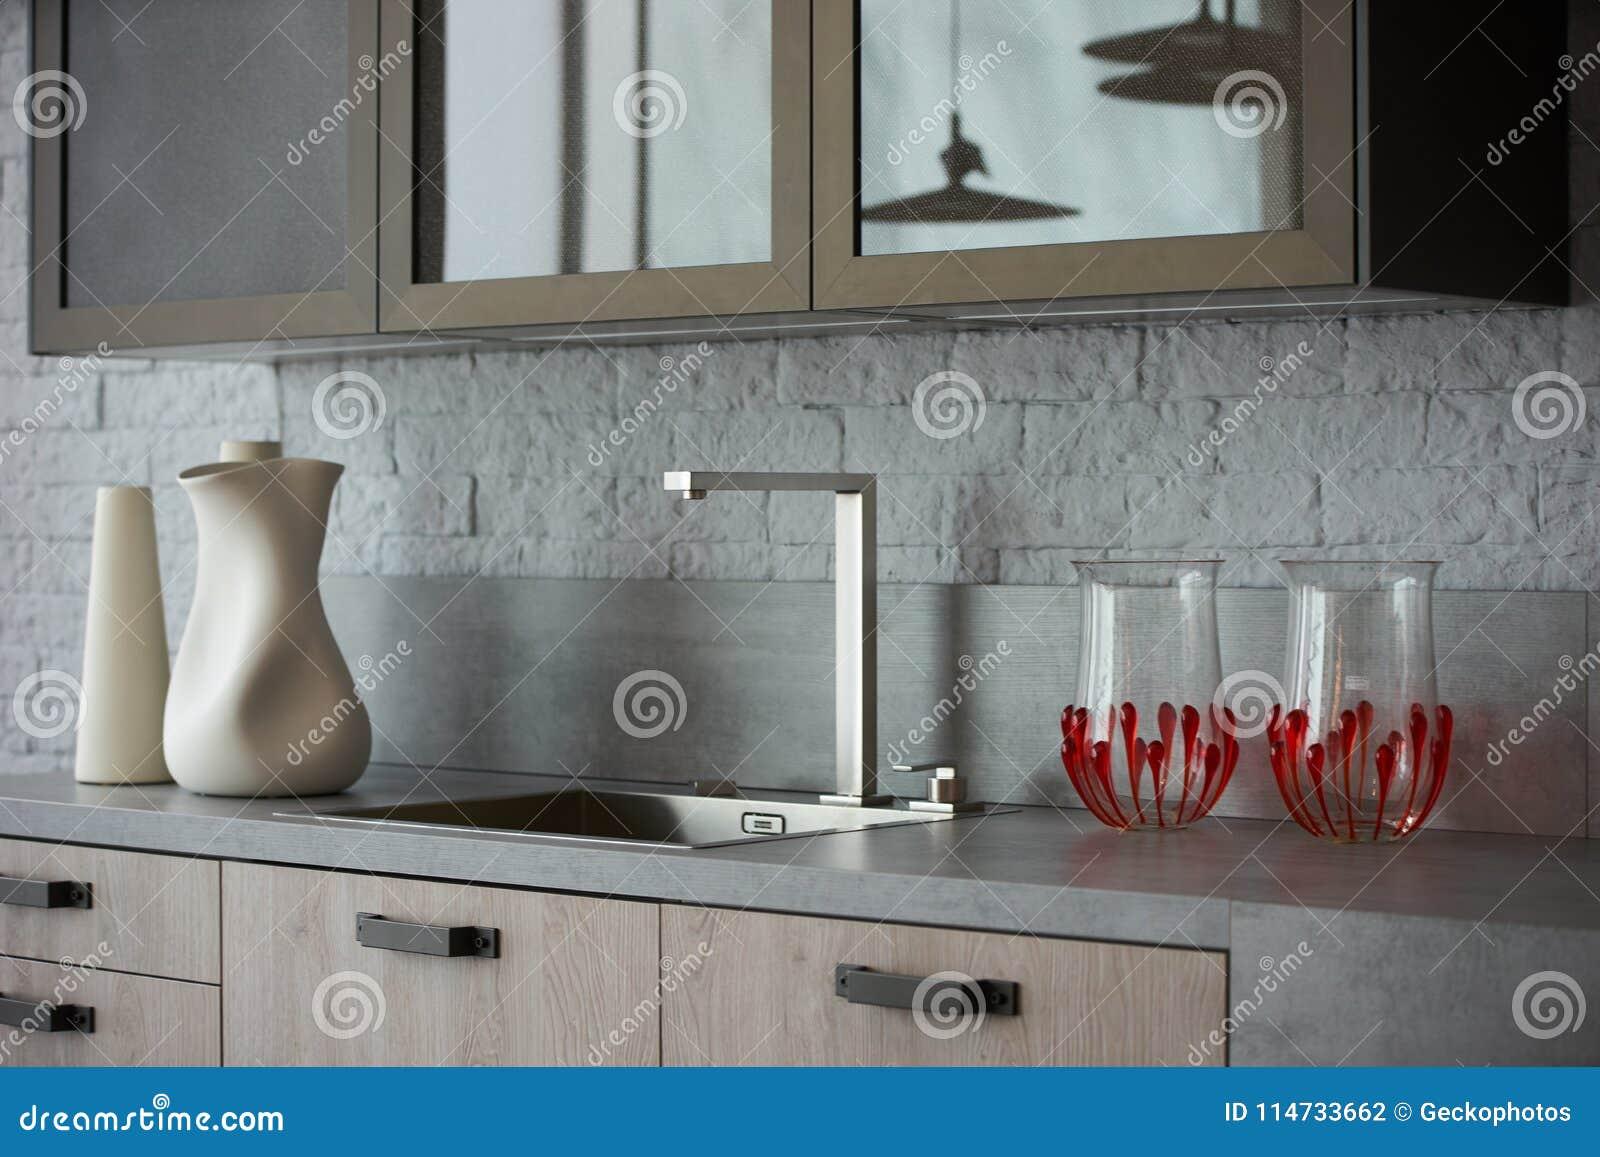 Luxury Modern Kitchen Interior Stock Photo Image Of Clean Kitchen